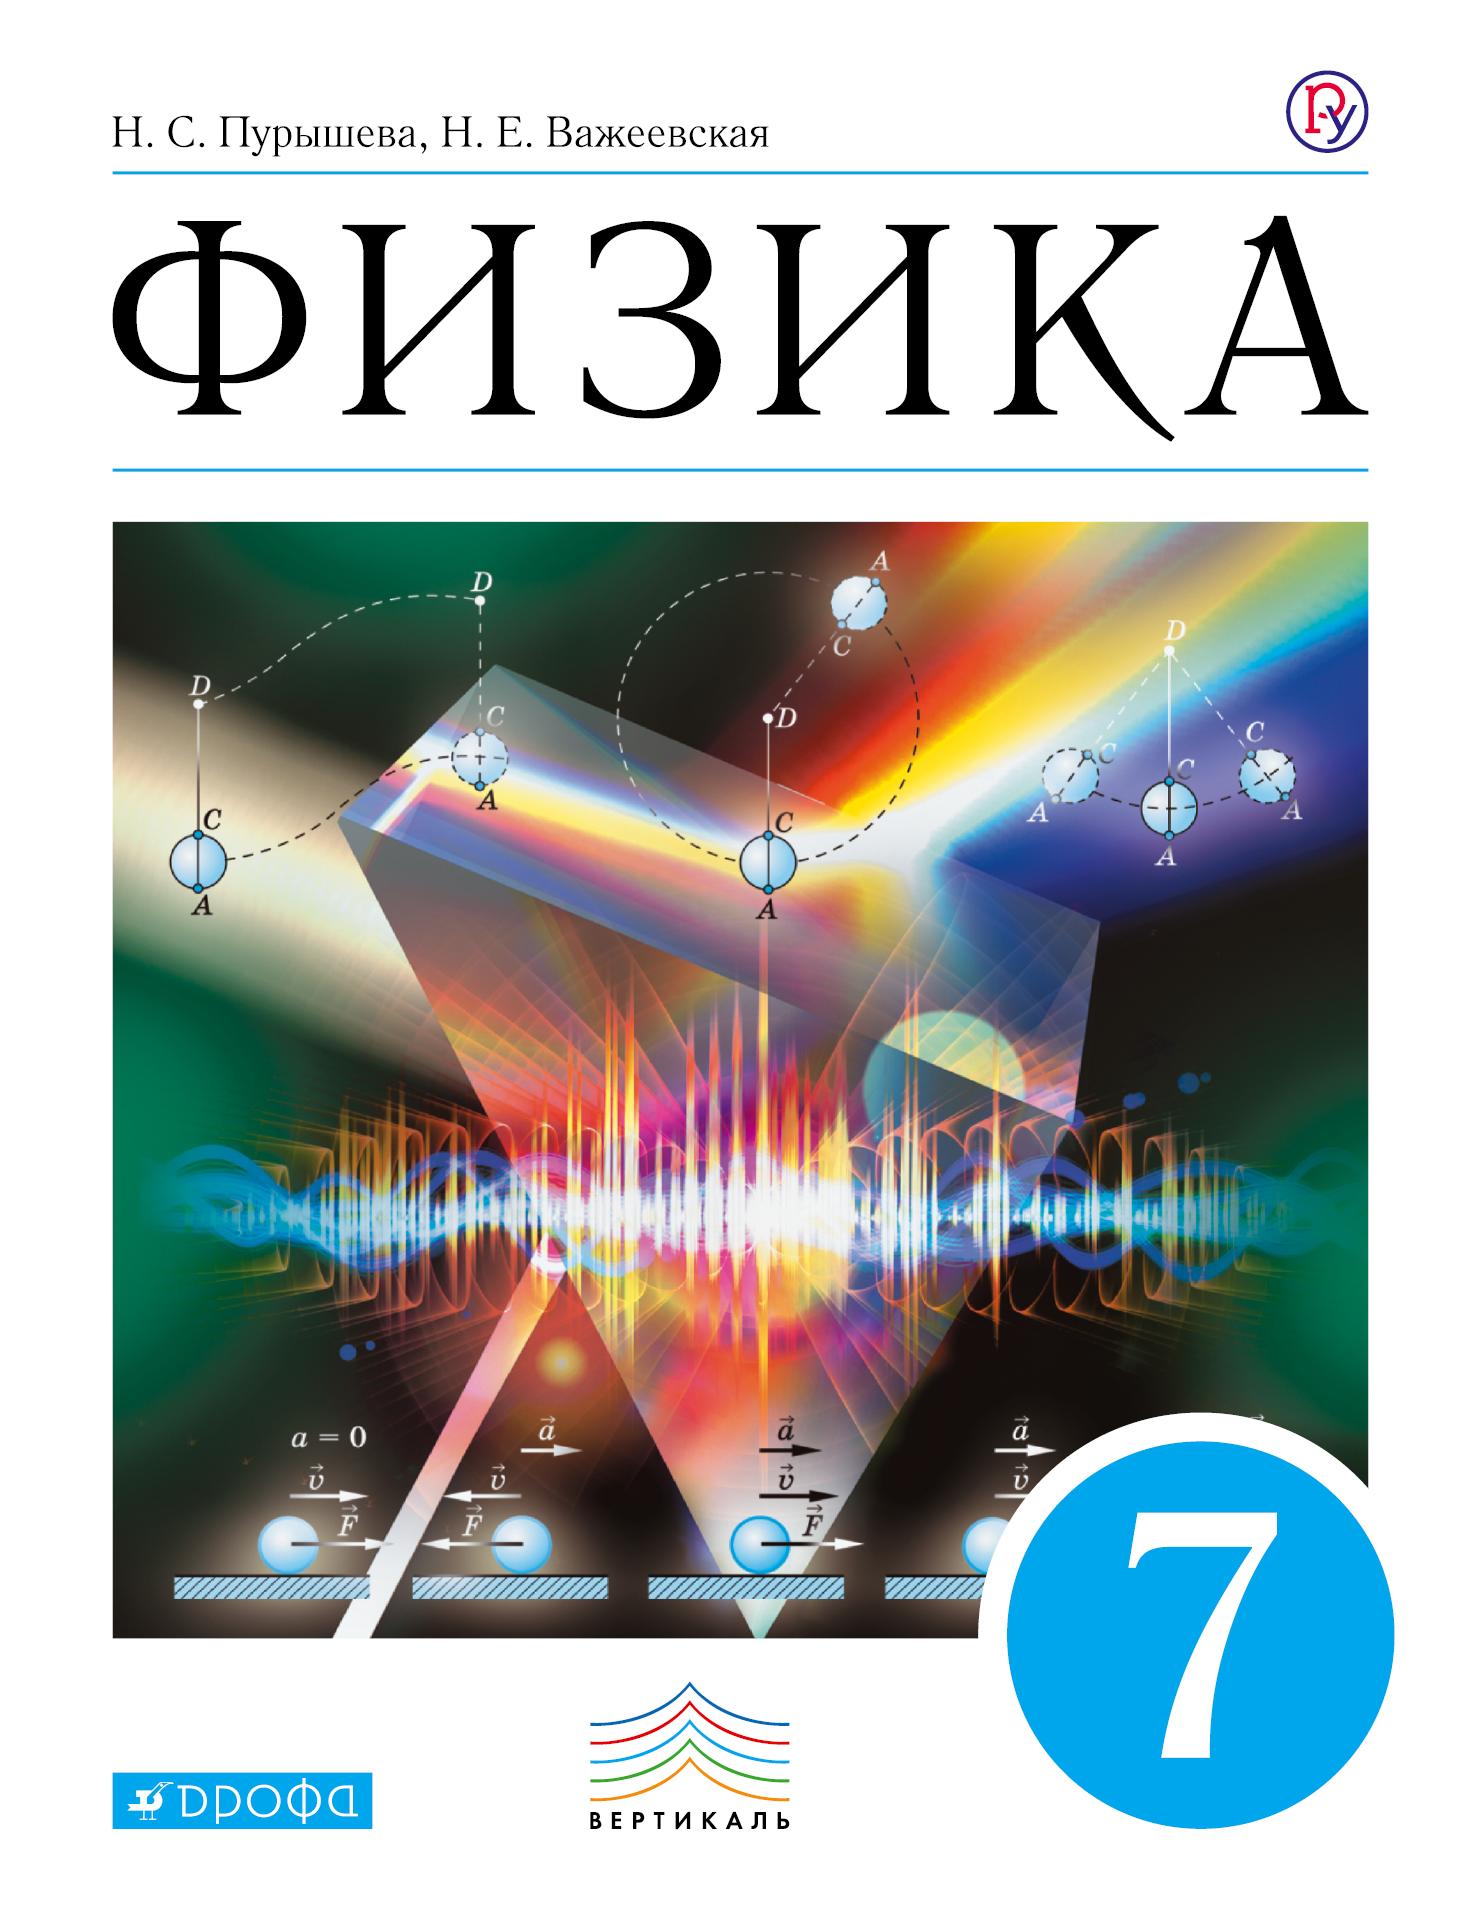 Ответы к учебнику физика 7 класс пурышева скачать бесплатно без регистрации